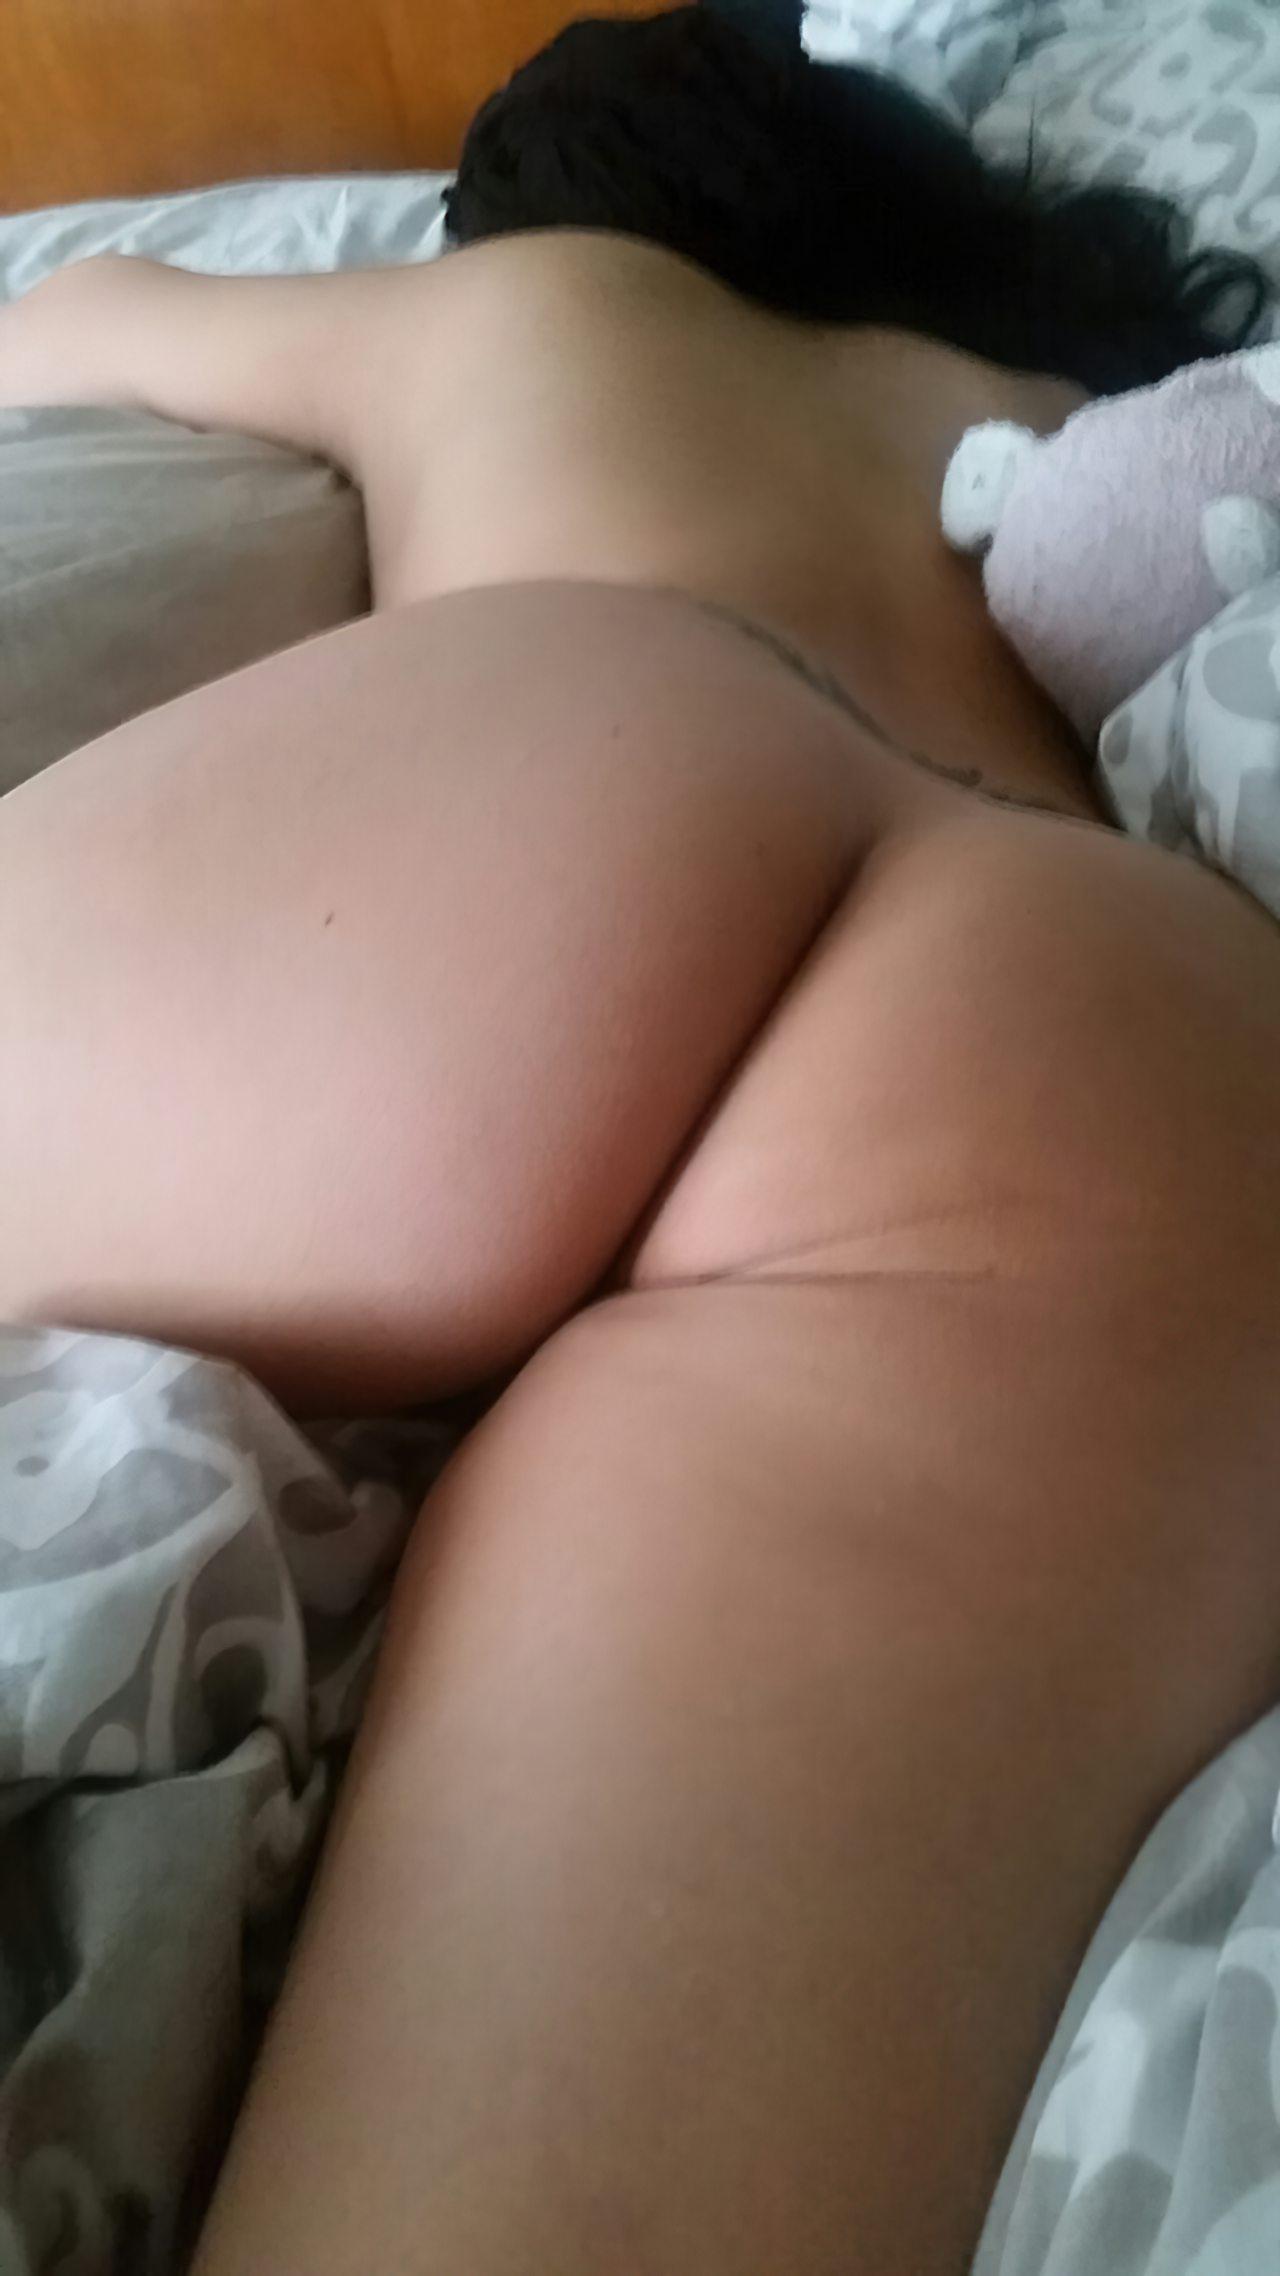 Imagens de Mulheres Nuas (27)